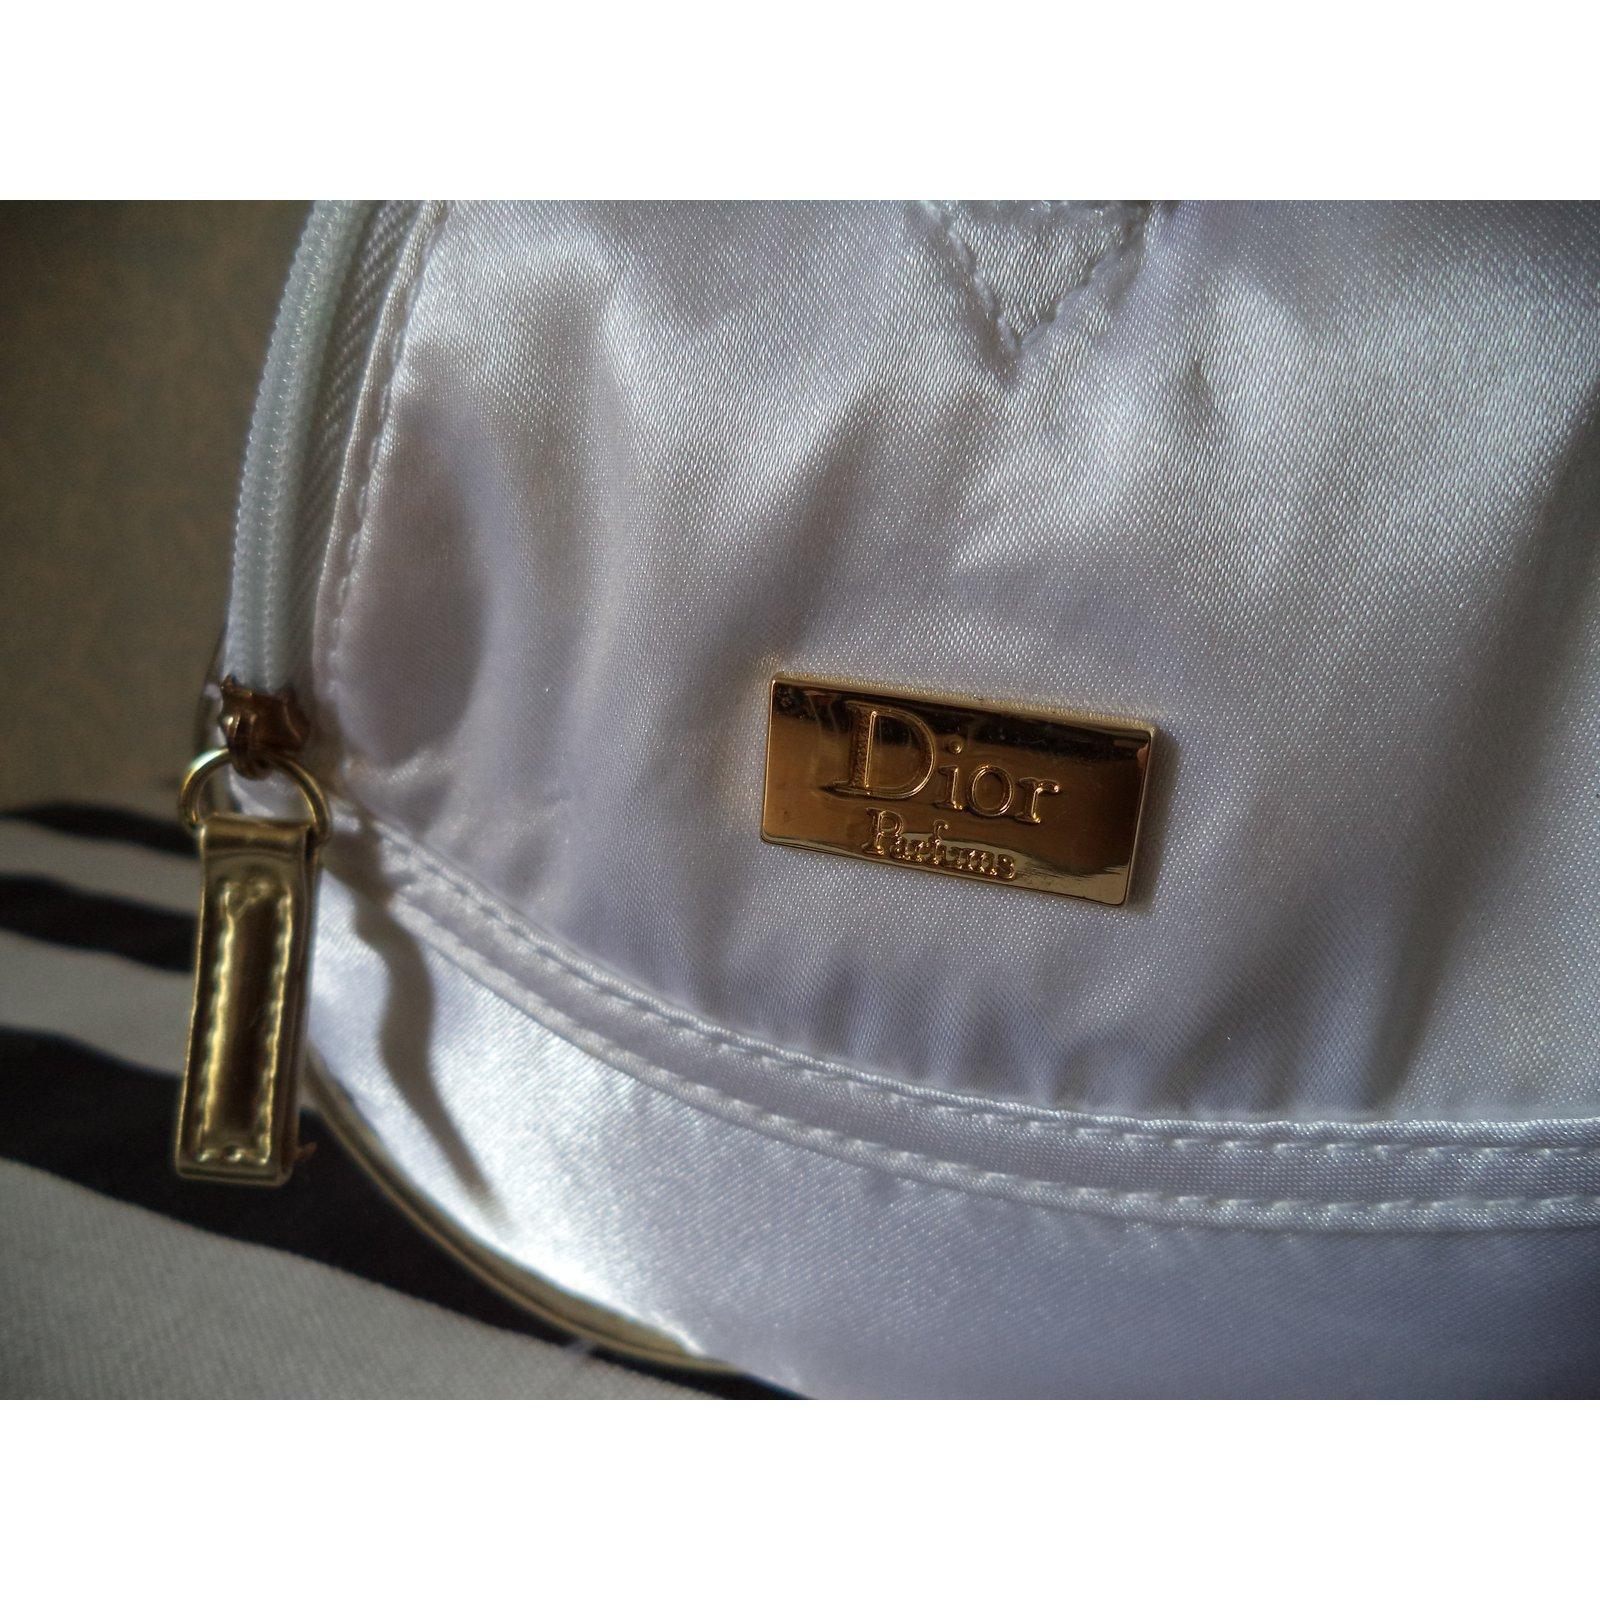 Petite Maroquinerie Dior Trousse De Toilette Tissu Blanc encequiconcerne Trousse De Toilette Dior